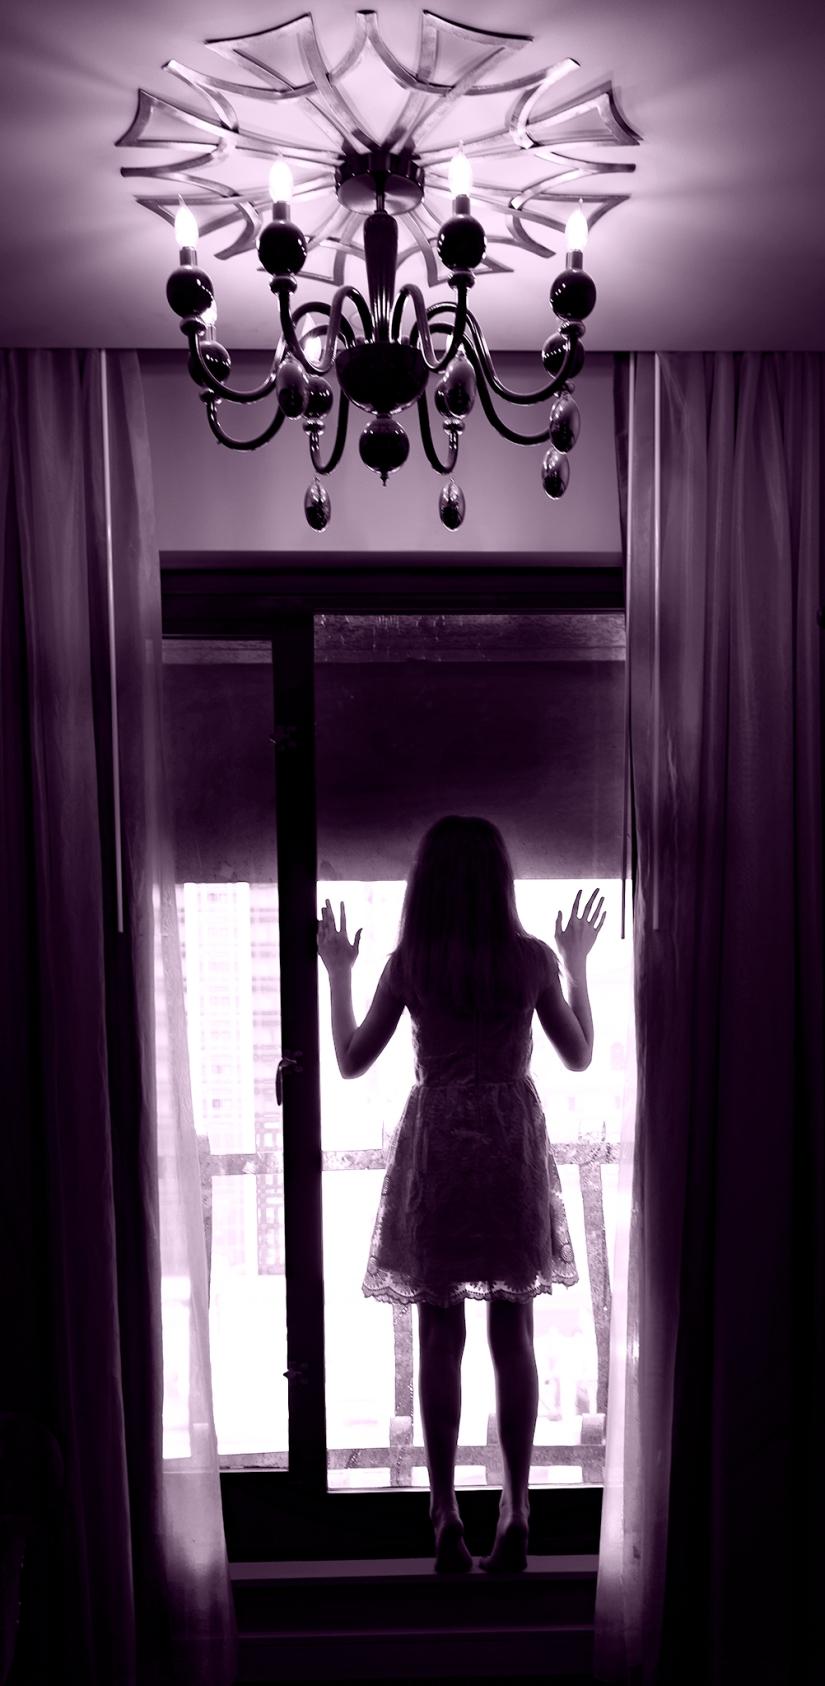 Molly in window